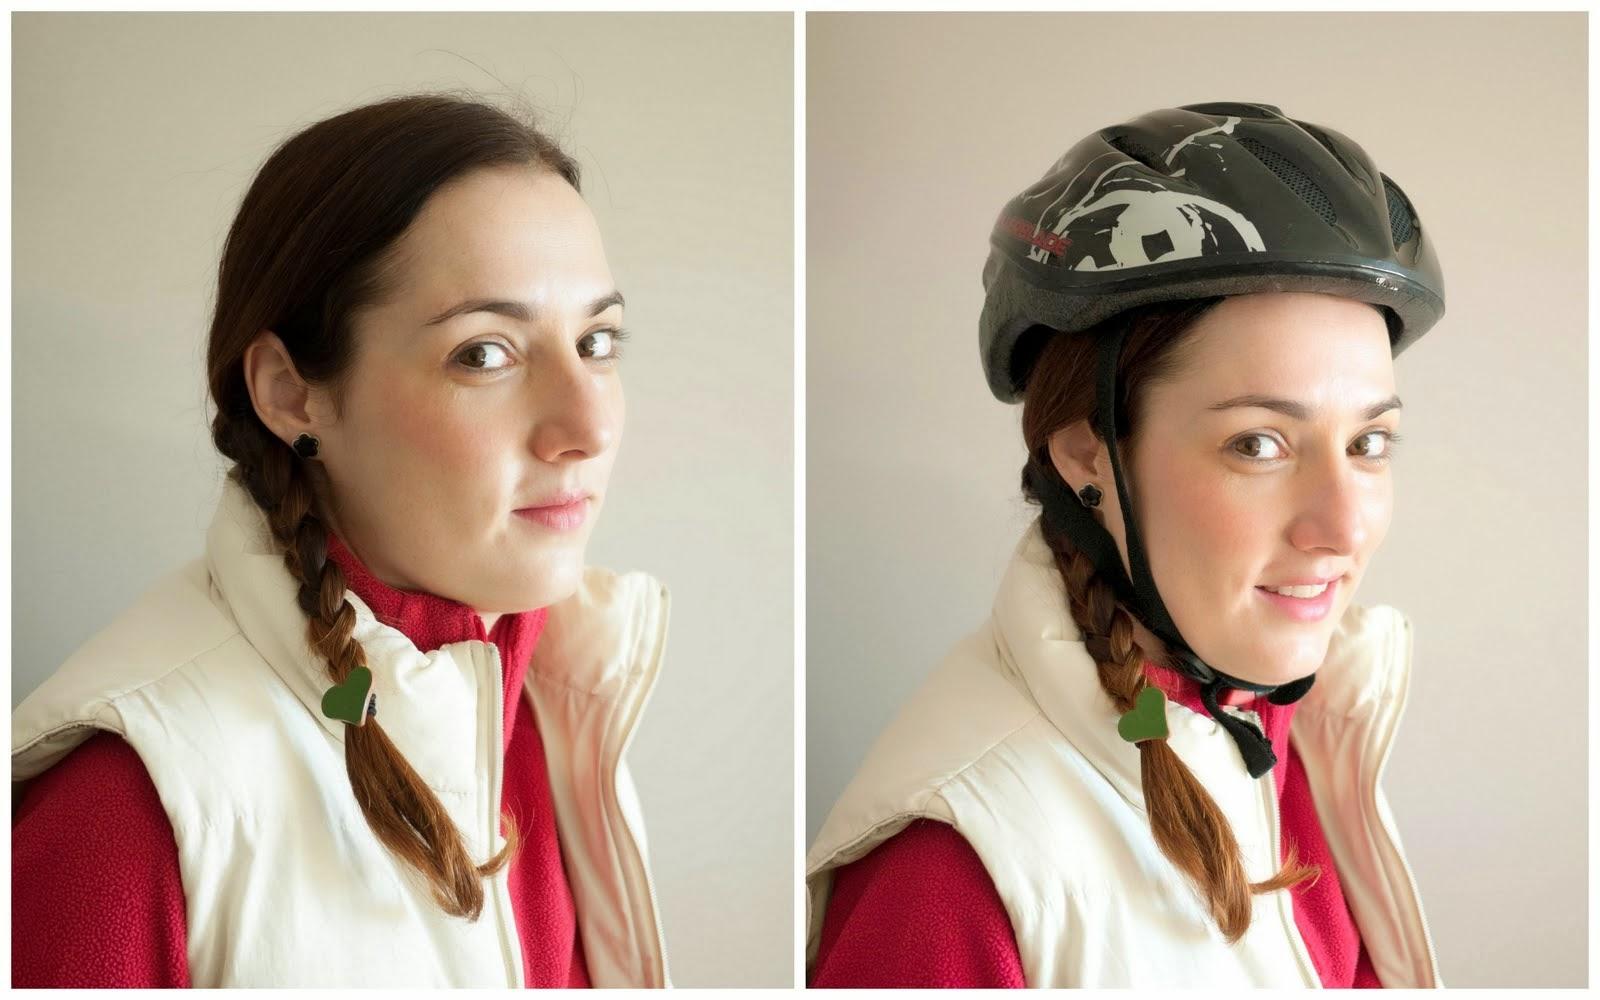 Peinado de trenza a un lado para llevar casco